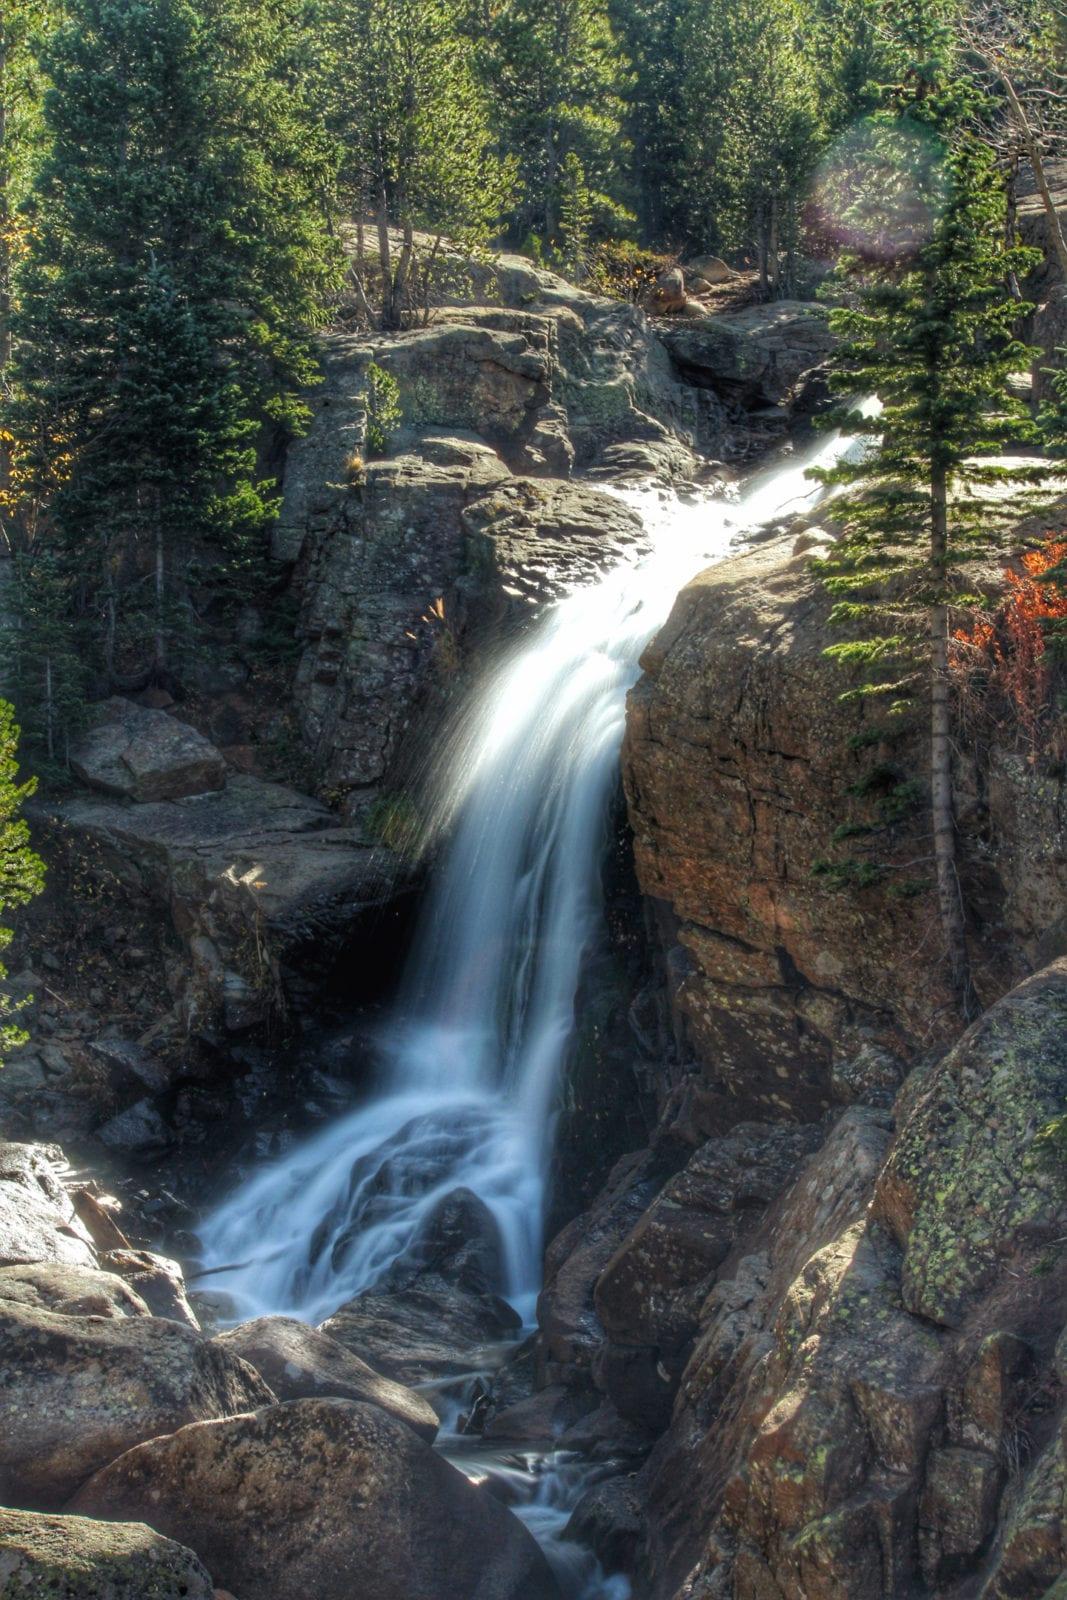 Alberta Falls Waterfall Colorado